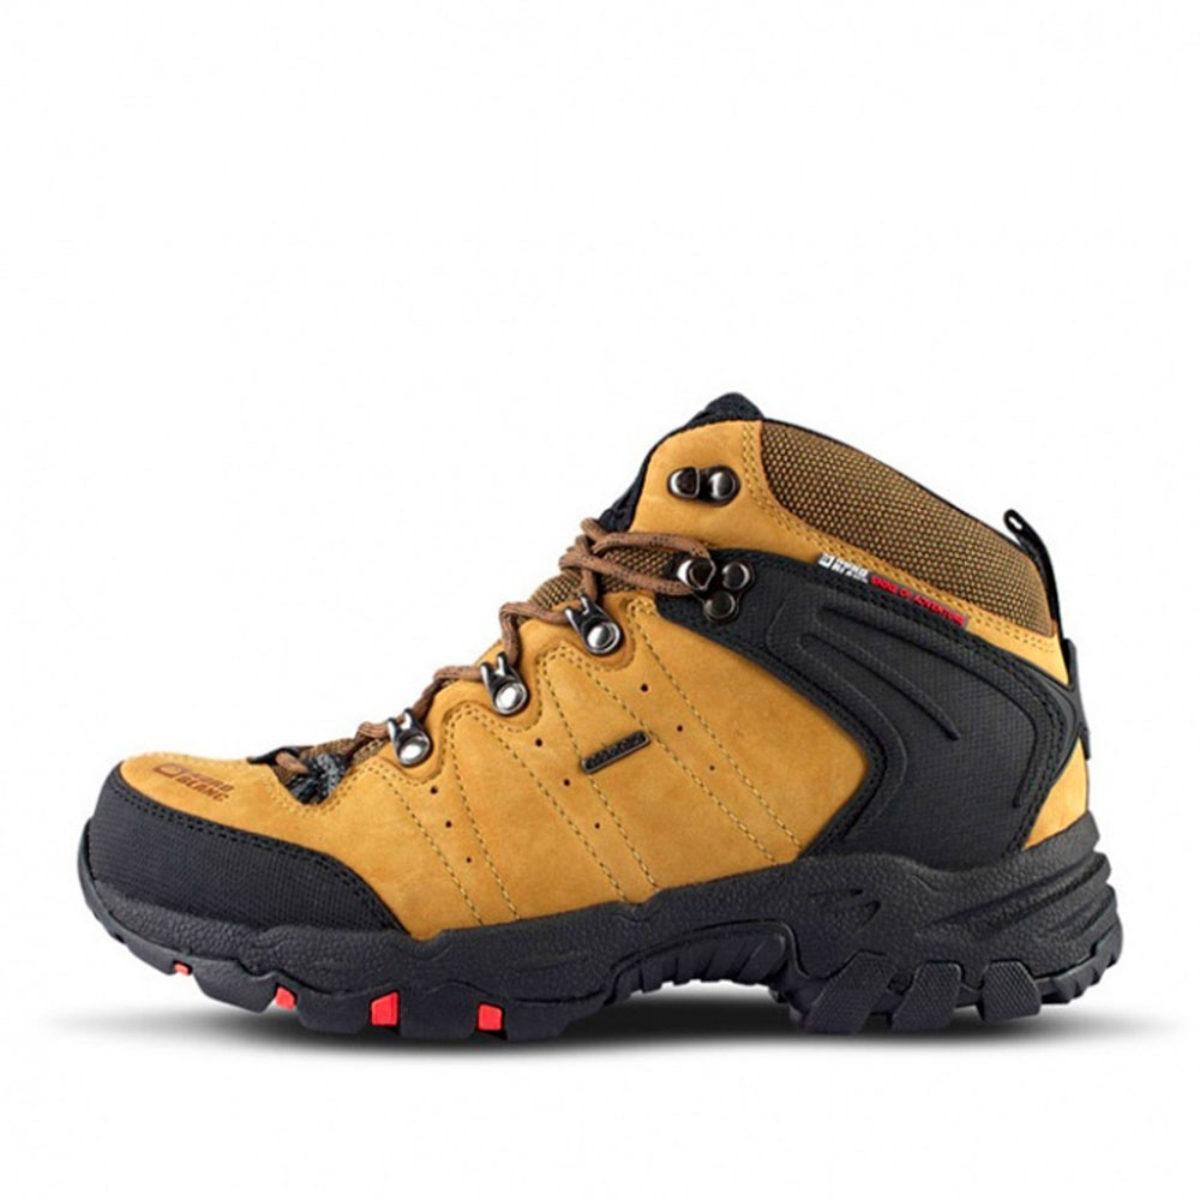 Jak správně nakupovat trekingové boty on-line. autor  Stránky pro muže 32413483e5